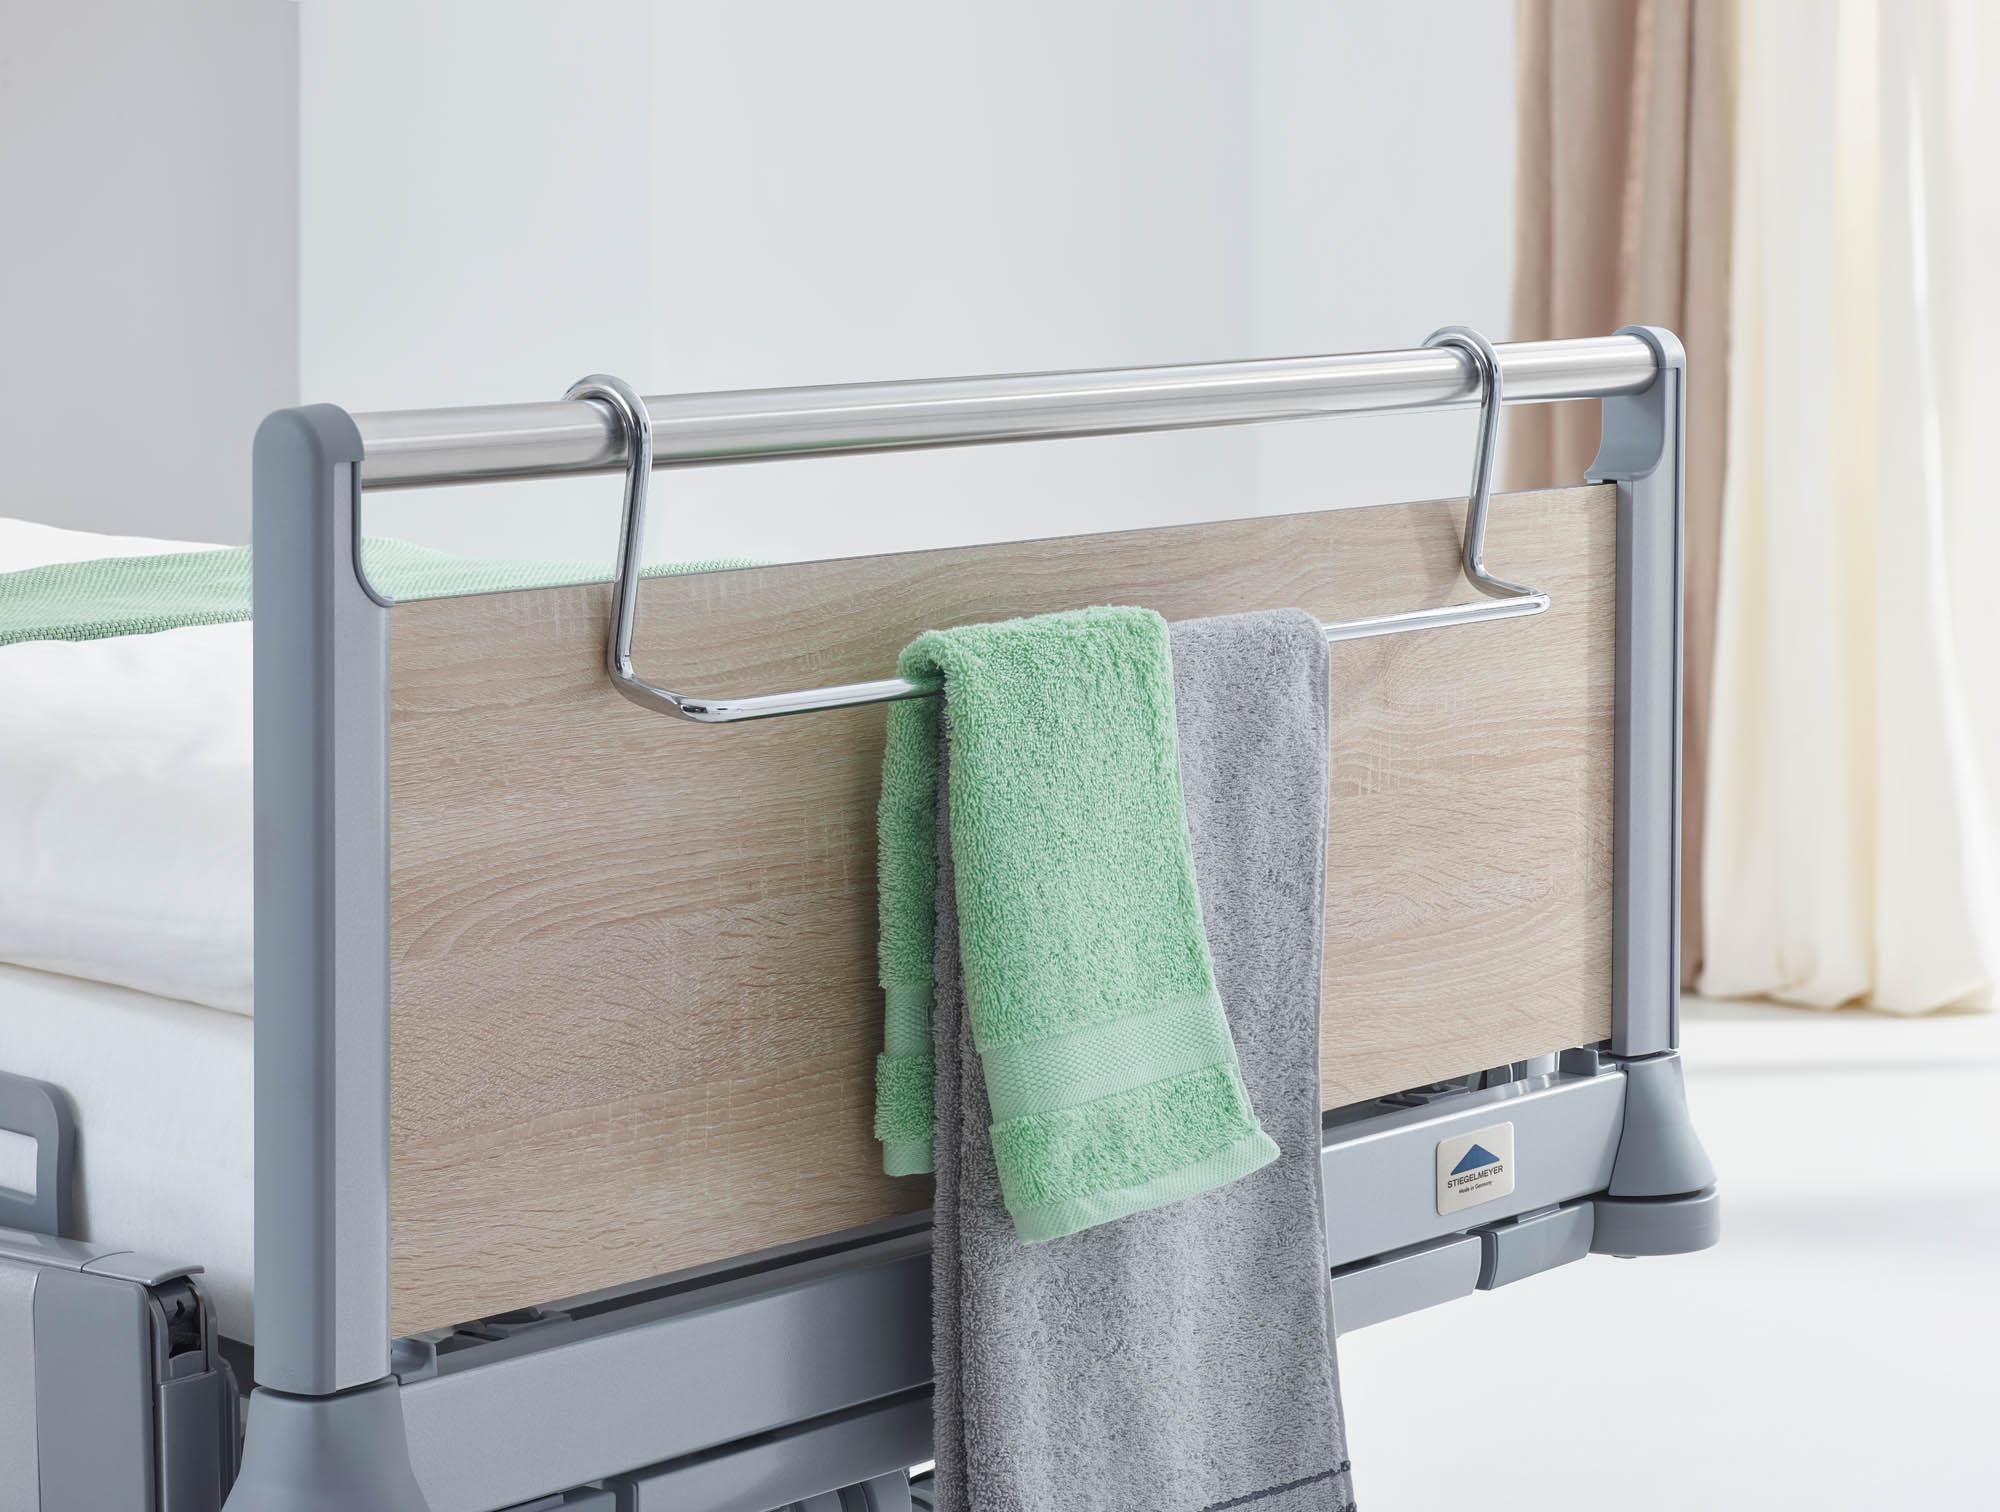 Ein praktischer Handtuchhalter lässt sich an den Griffleisten der Häupter einhängen.